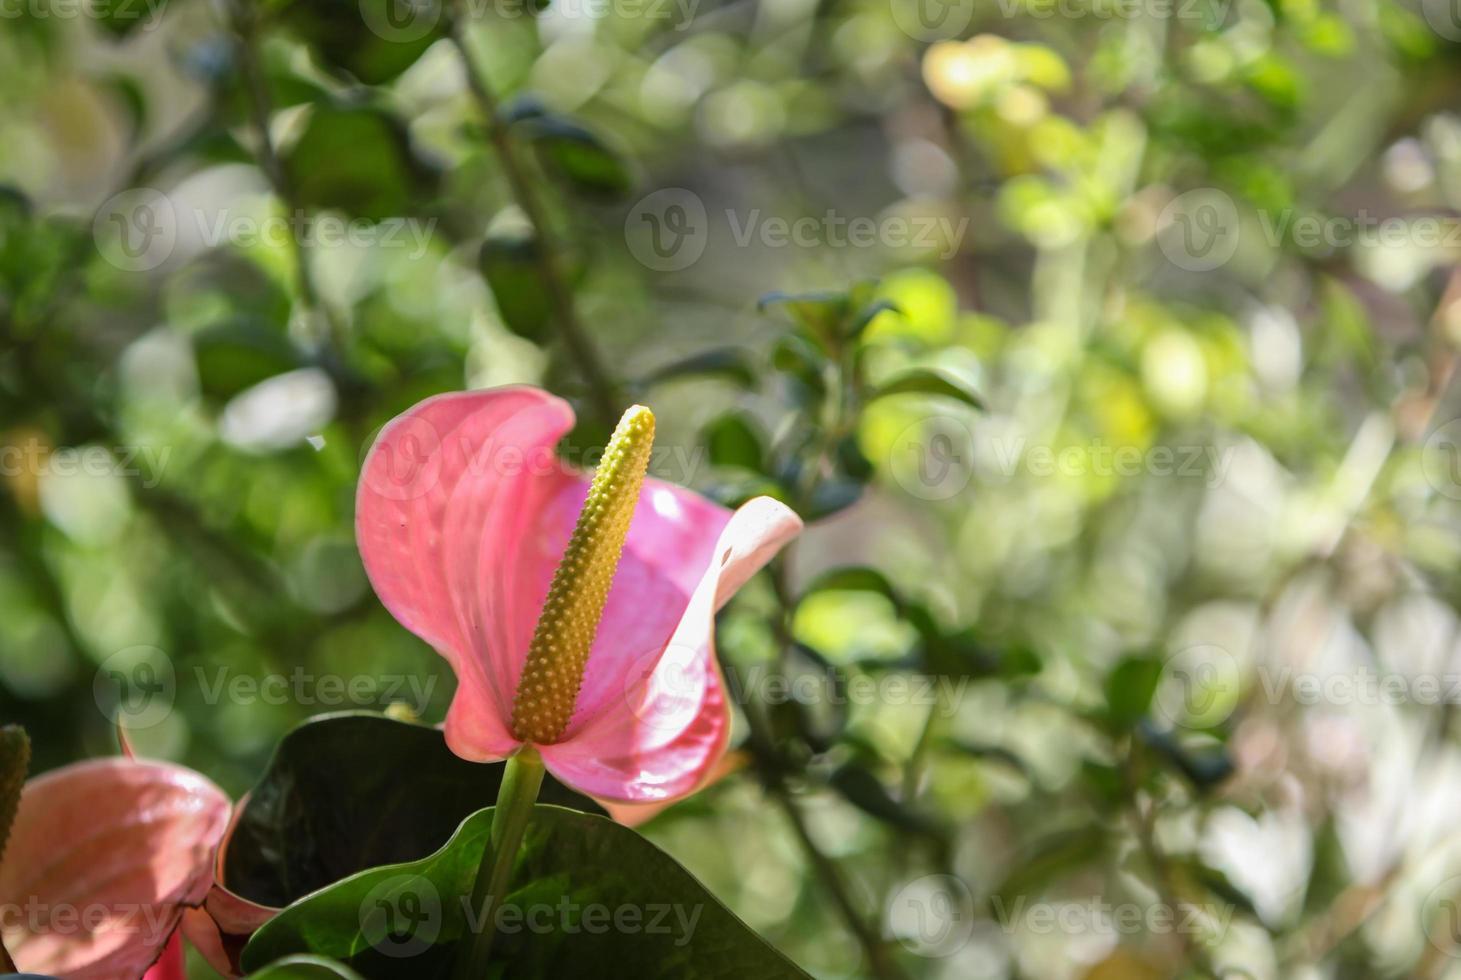 roze anthuriumbloem, ook wel de flamingolelie genoemd foto